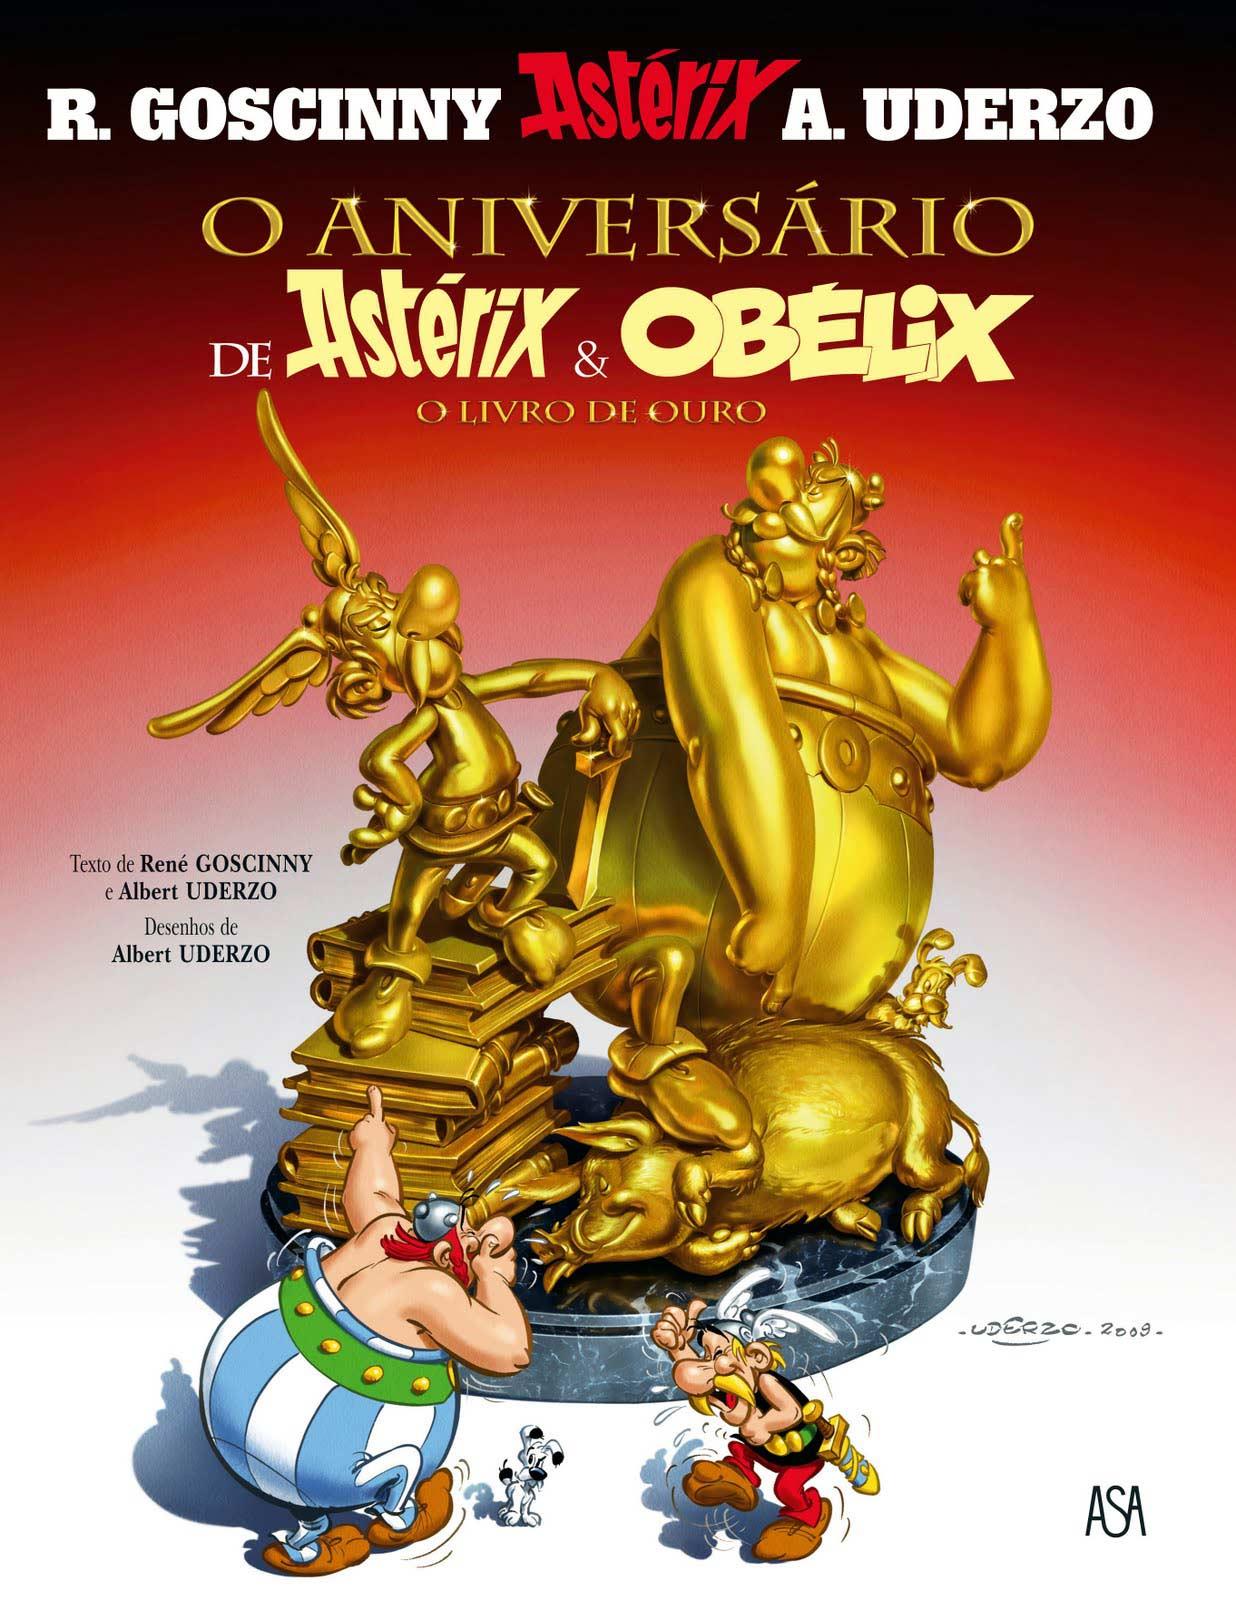 Uma conferência de imprensa em Paris com Uderzo, uma grande exposição dedicada a Astérix, uma grande Festa de Aniversário em […]